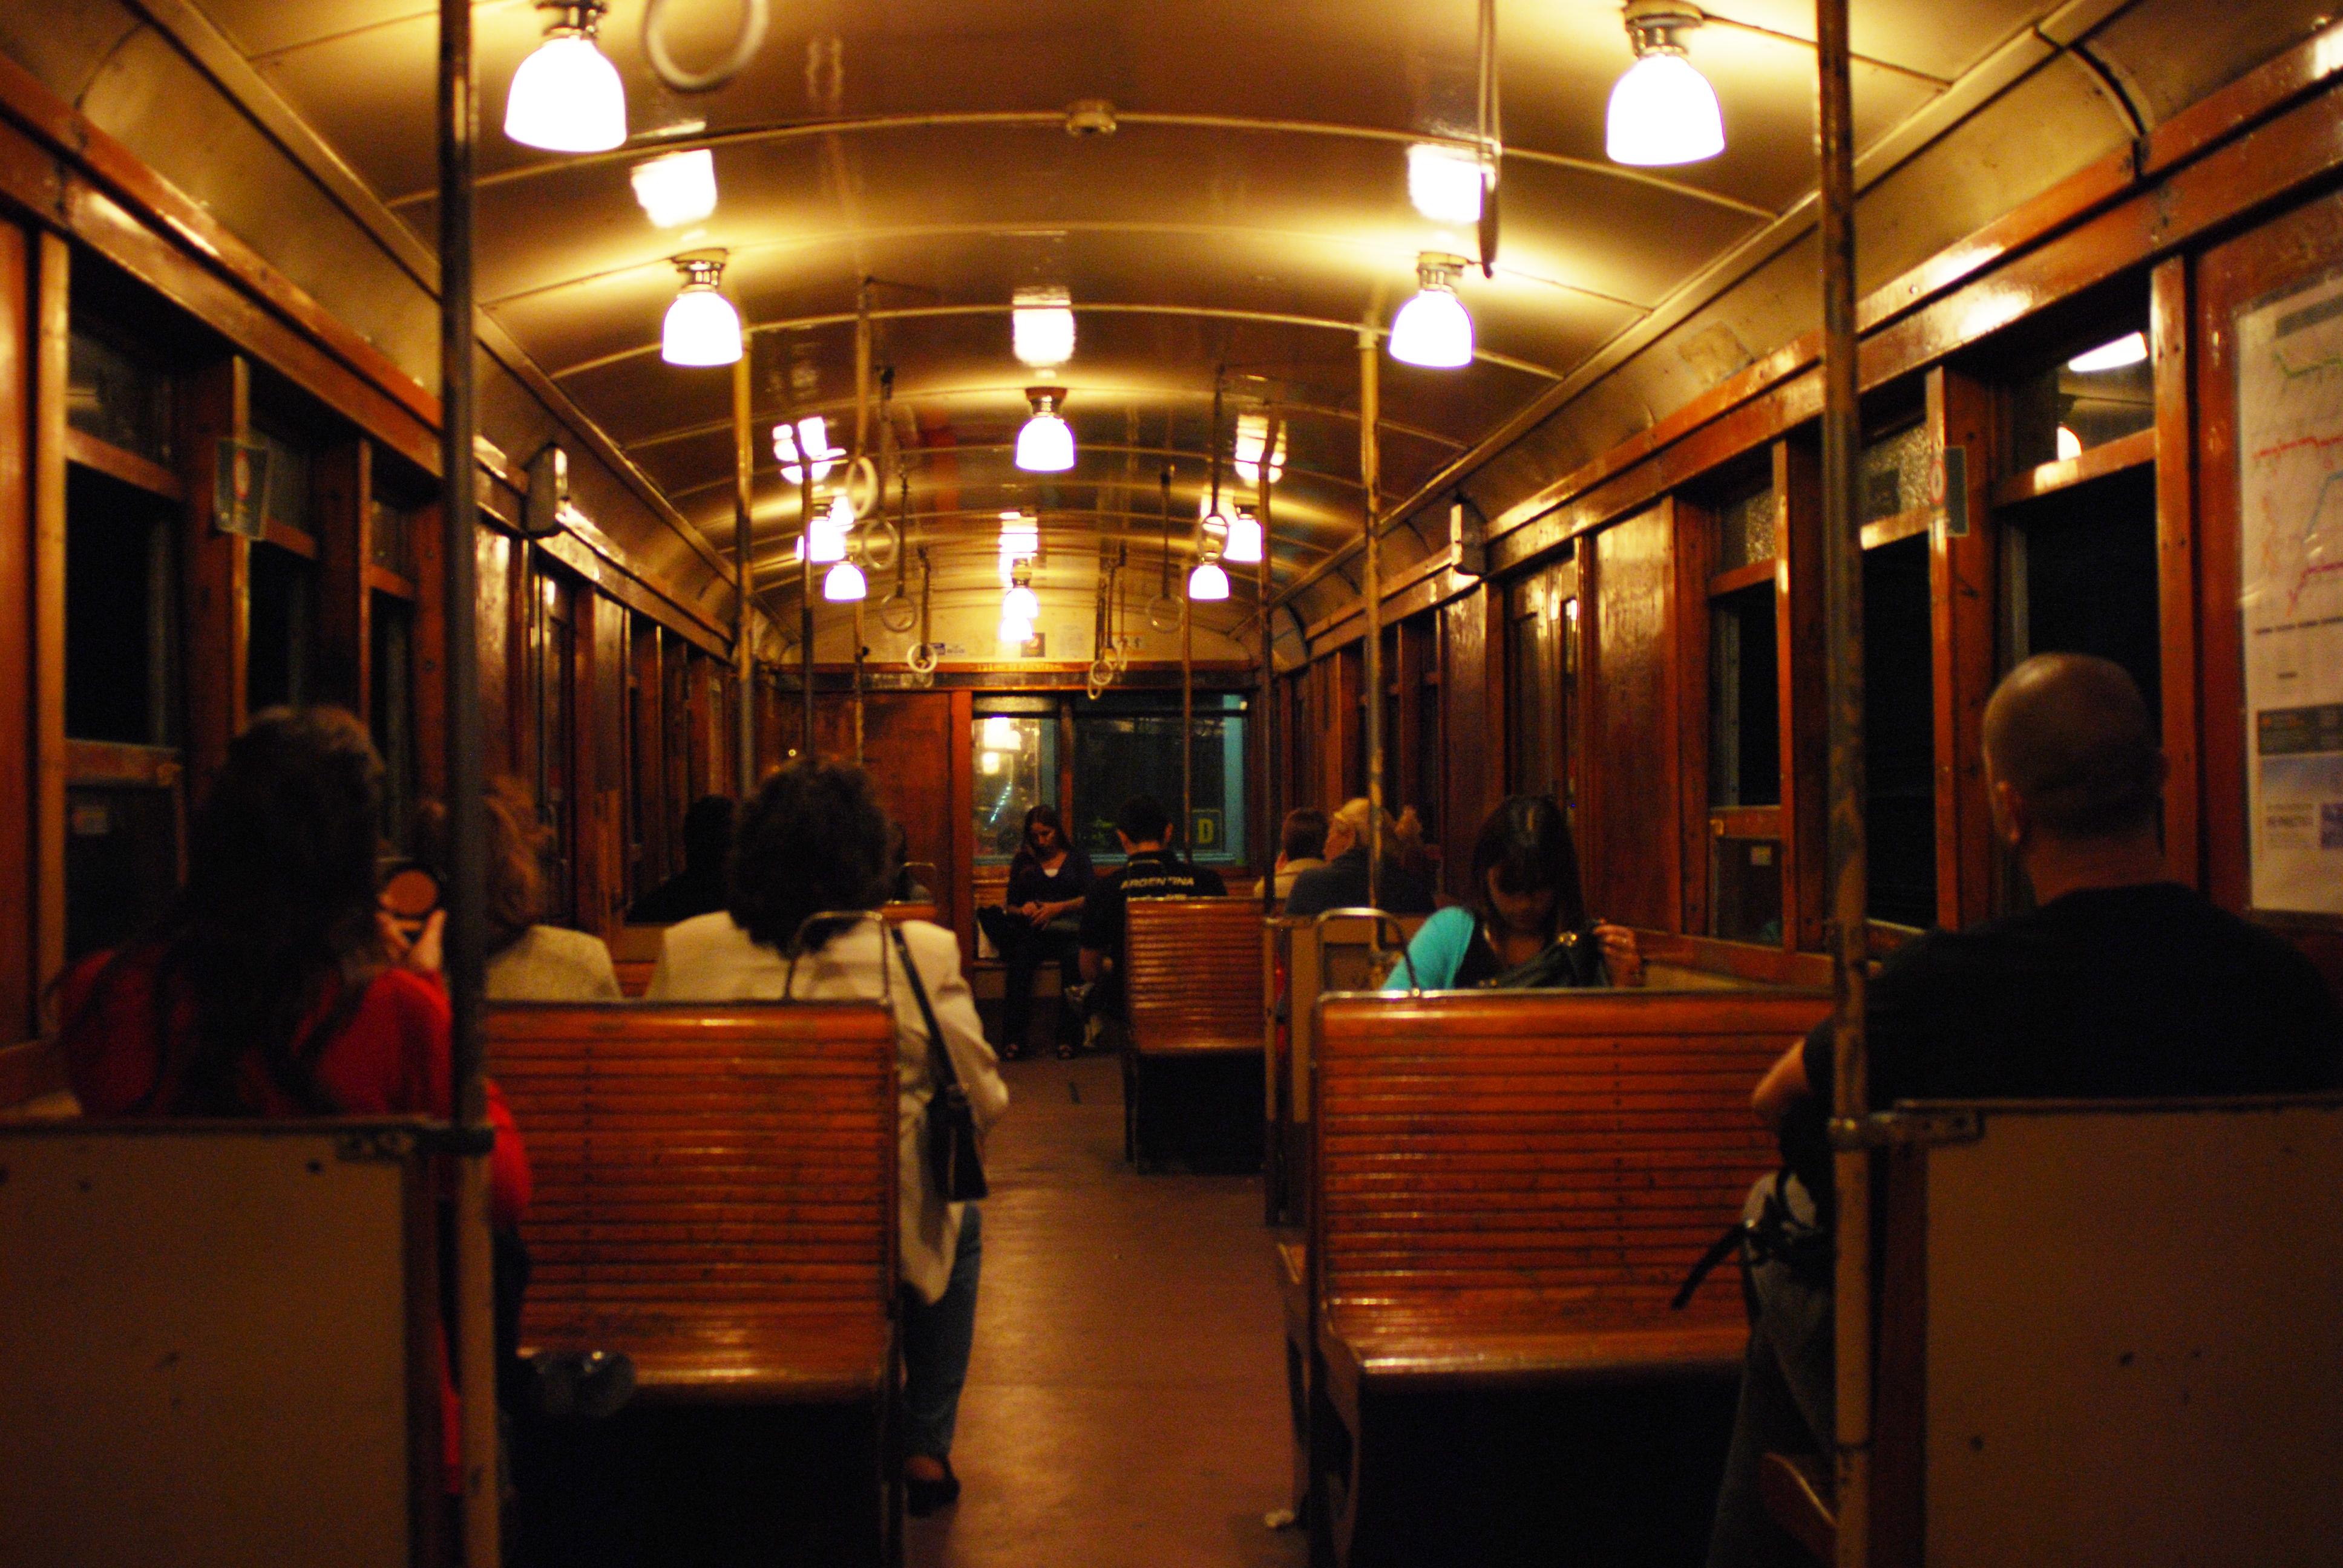 file l nea a tren le brugeoise por dentro 01 diciembre